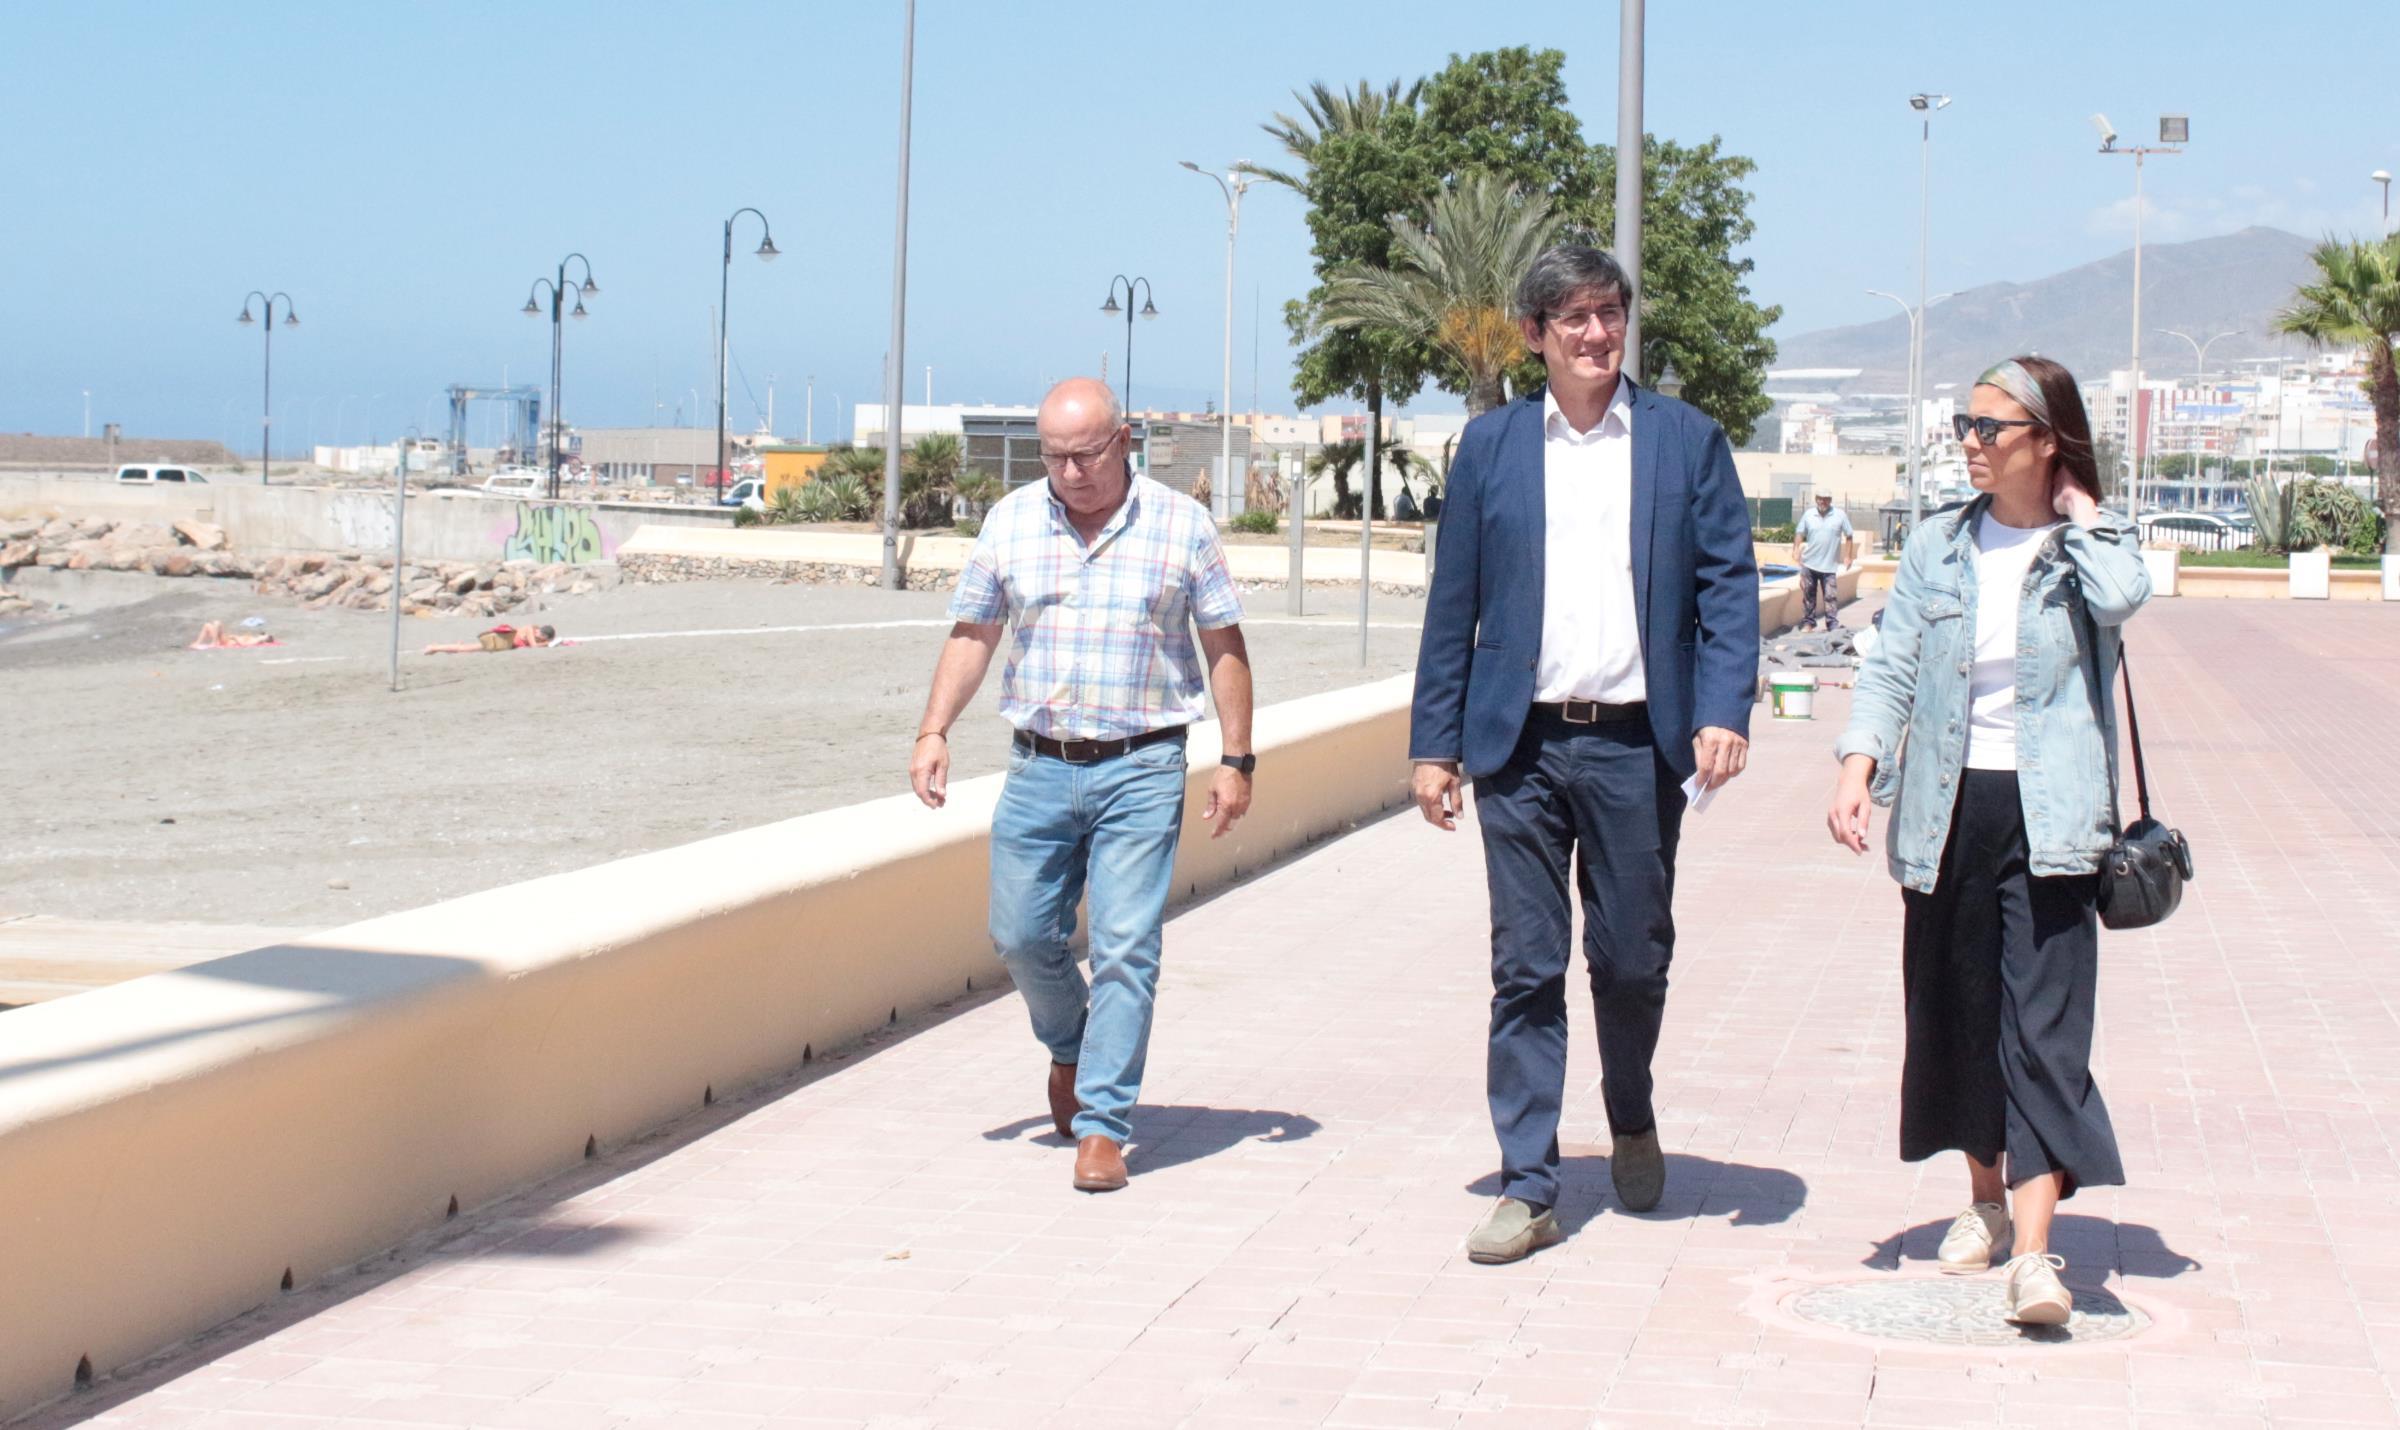 Adra aprueba más de 70.000 euros para poner a punto las playas de cara a Semana Santa